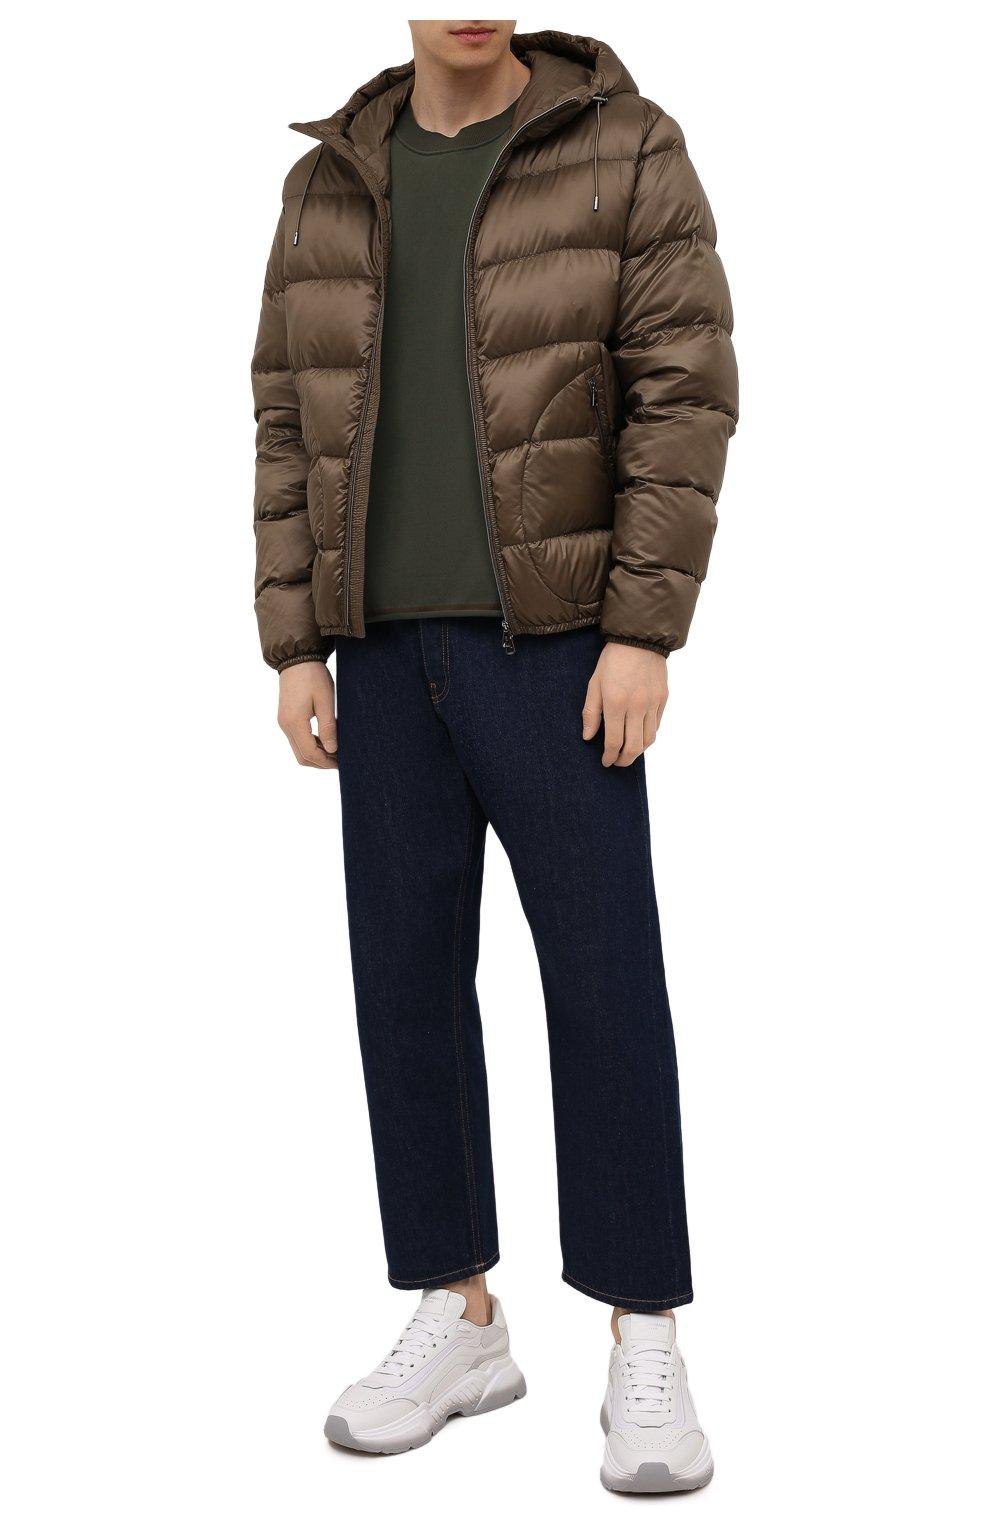 Мужская пуховая куртка RALPH LAUREN коричневого цвета, арт. 790774258 | Фото 2 (Кросс-КТ: Куртка; Мужское Кросс-КТ: пуховик-короткий; Рукава: Длинные; Материал внешний: Синтетический материал; Материал подклада: Синтетический материал; Длина (верхняя одежда): Короткие; Материал утеплителя: Пух и перо; Стили: Кэжуэл)